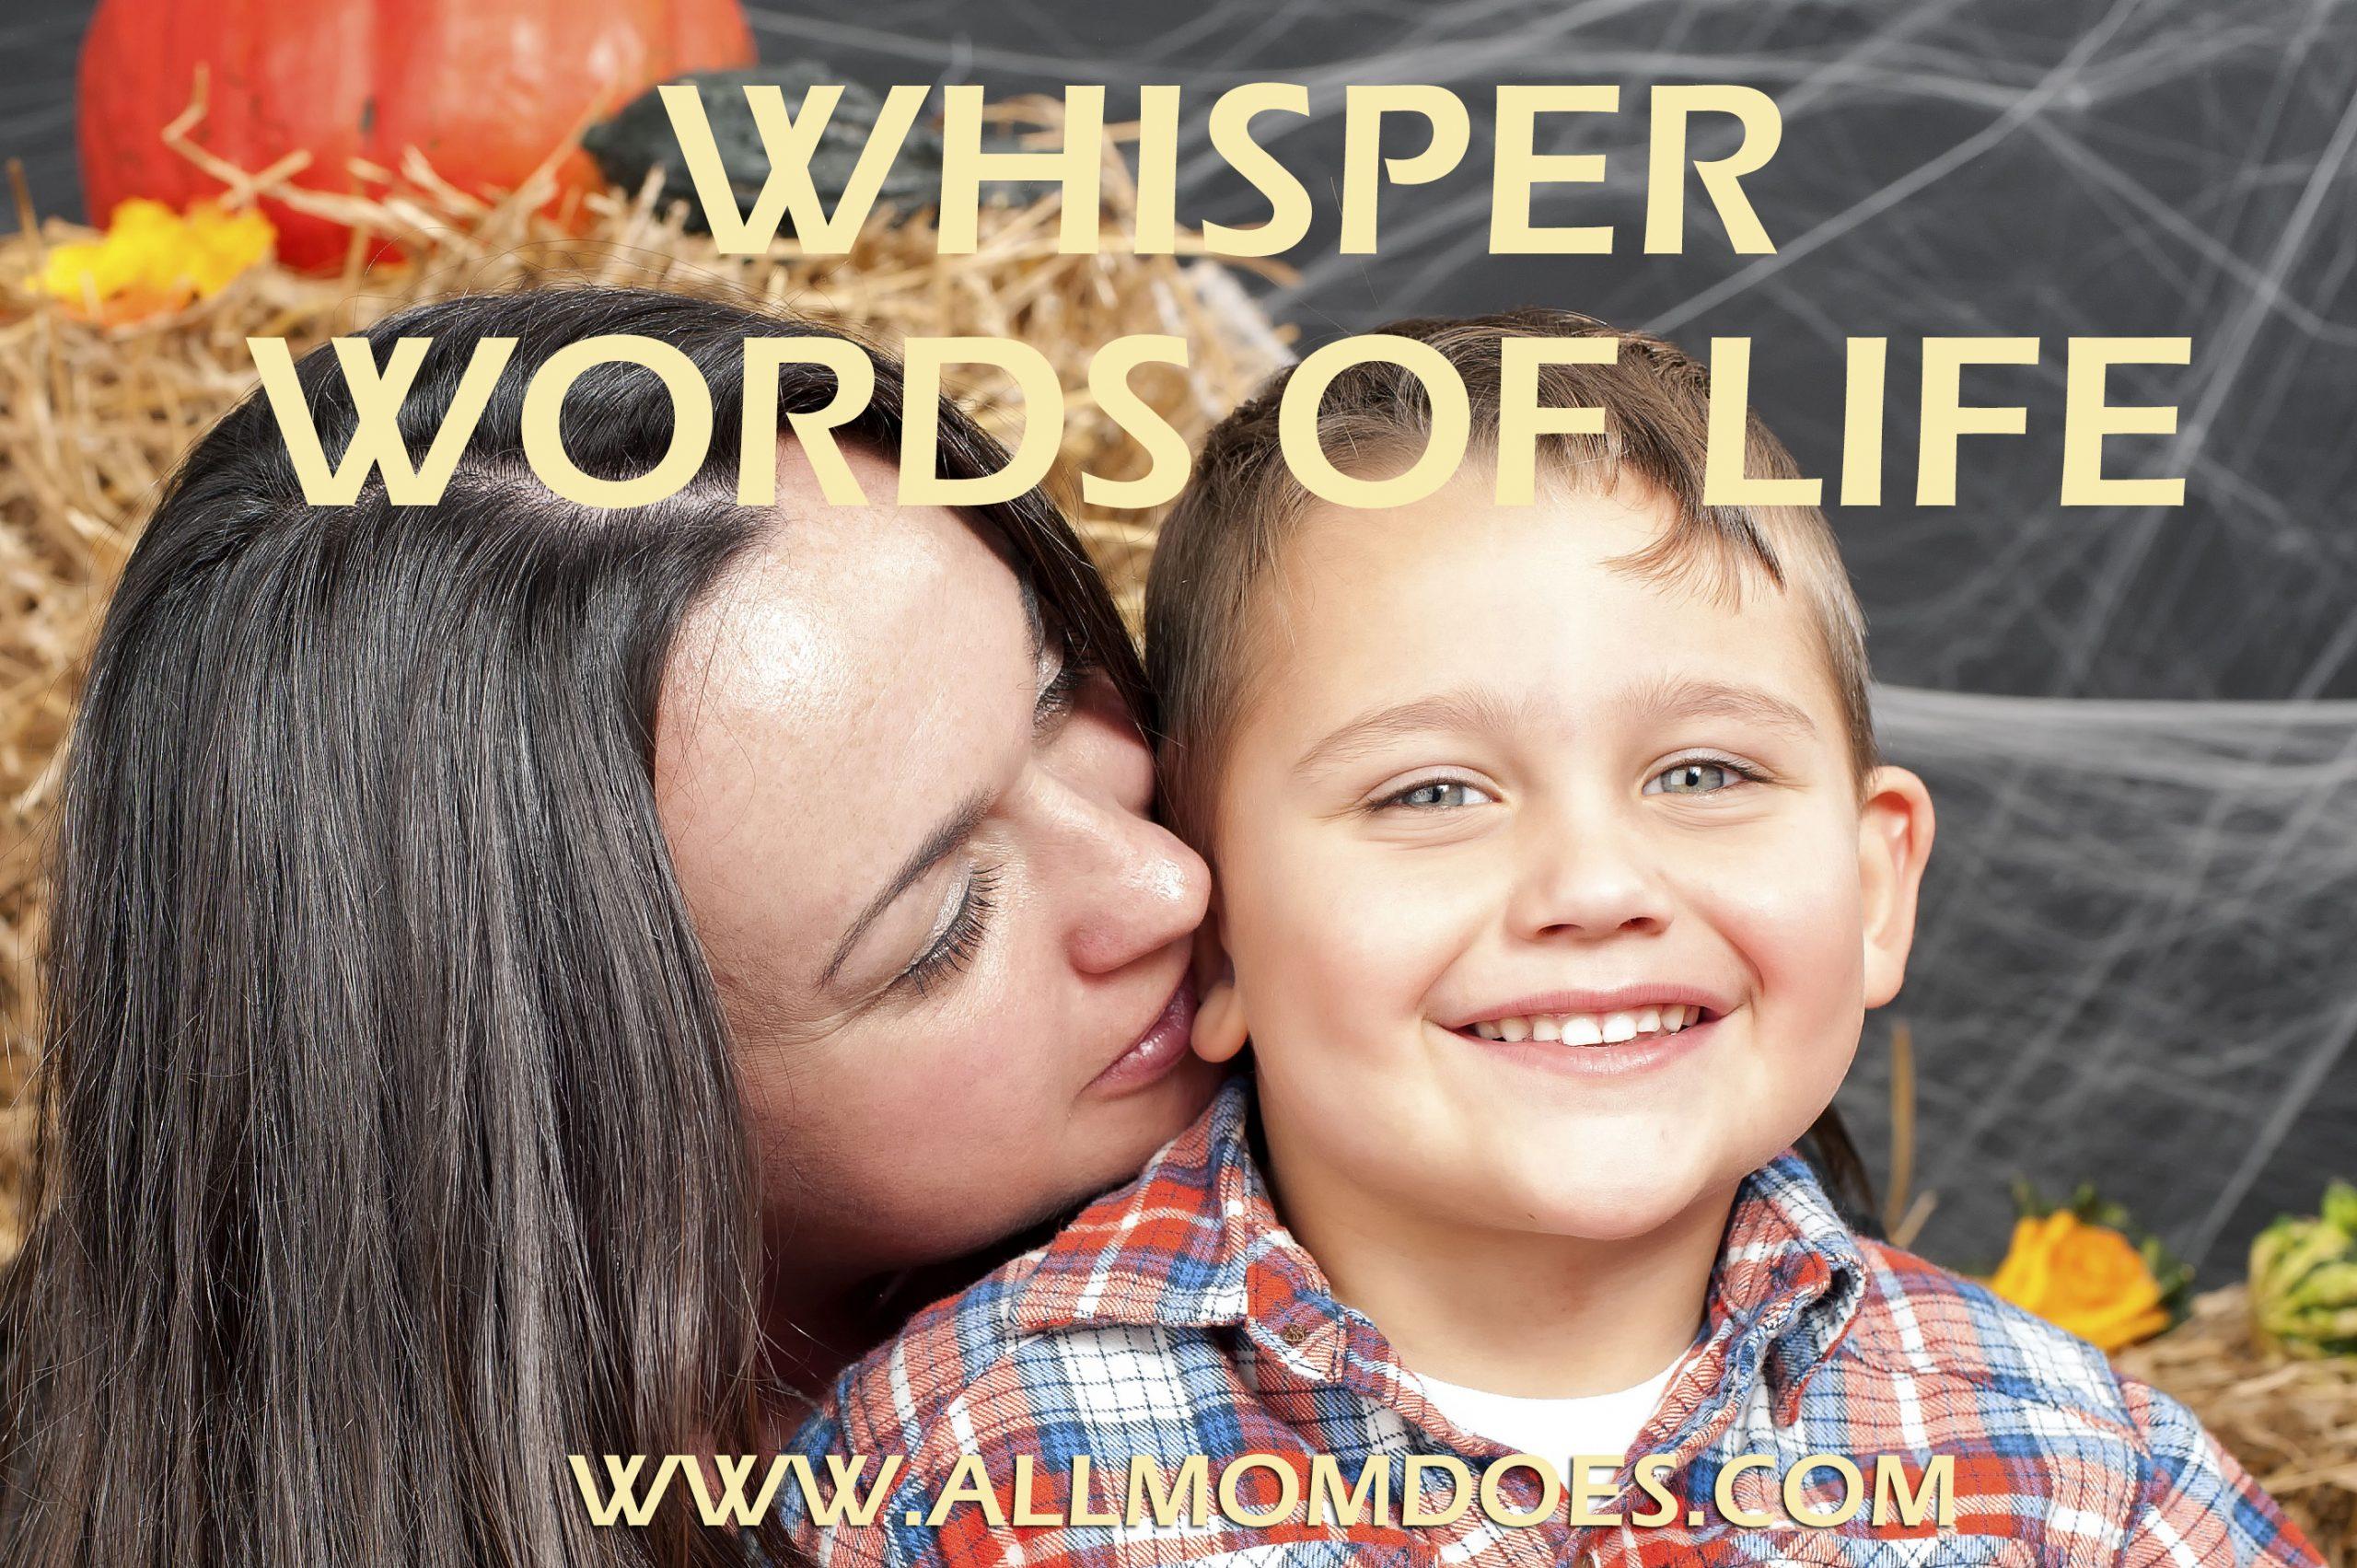 Whisper Words of Life